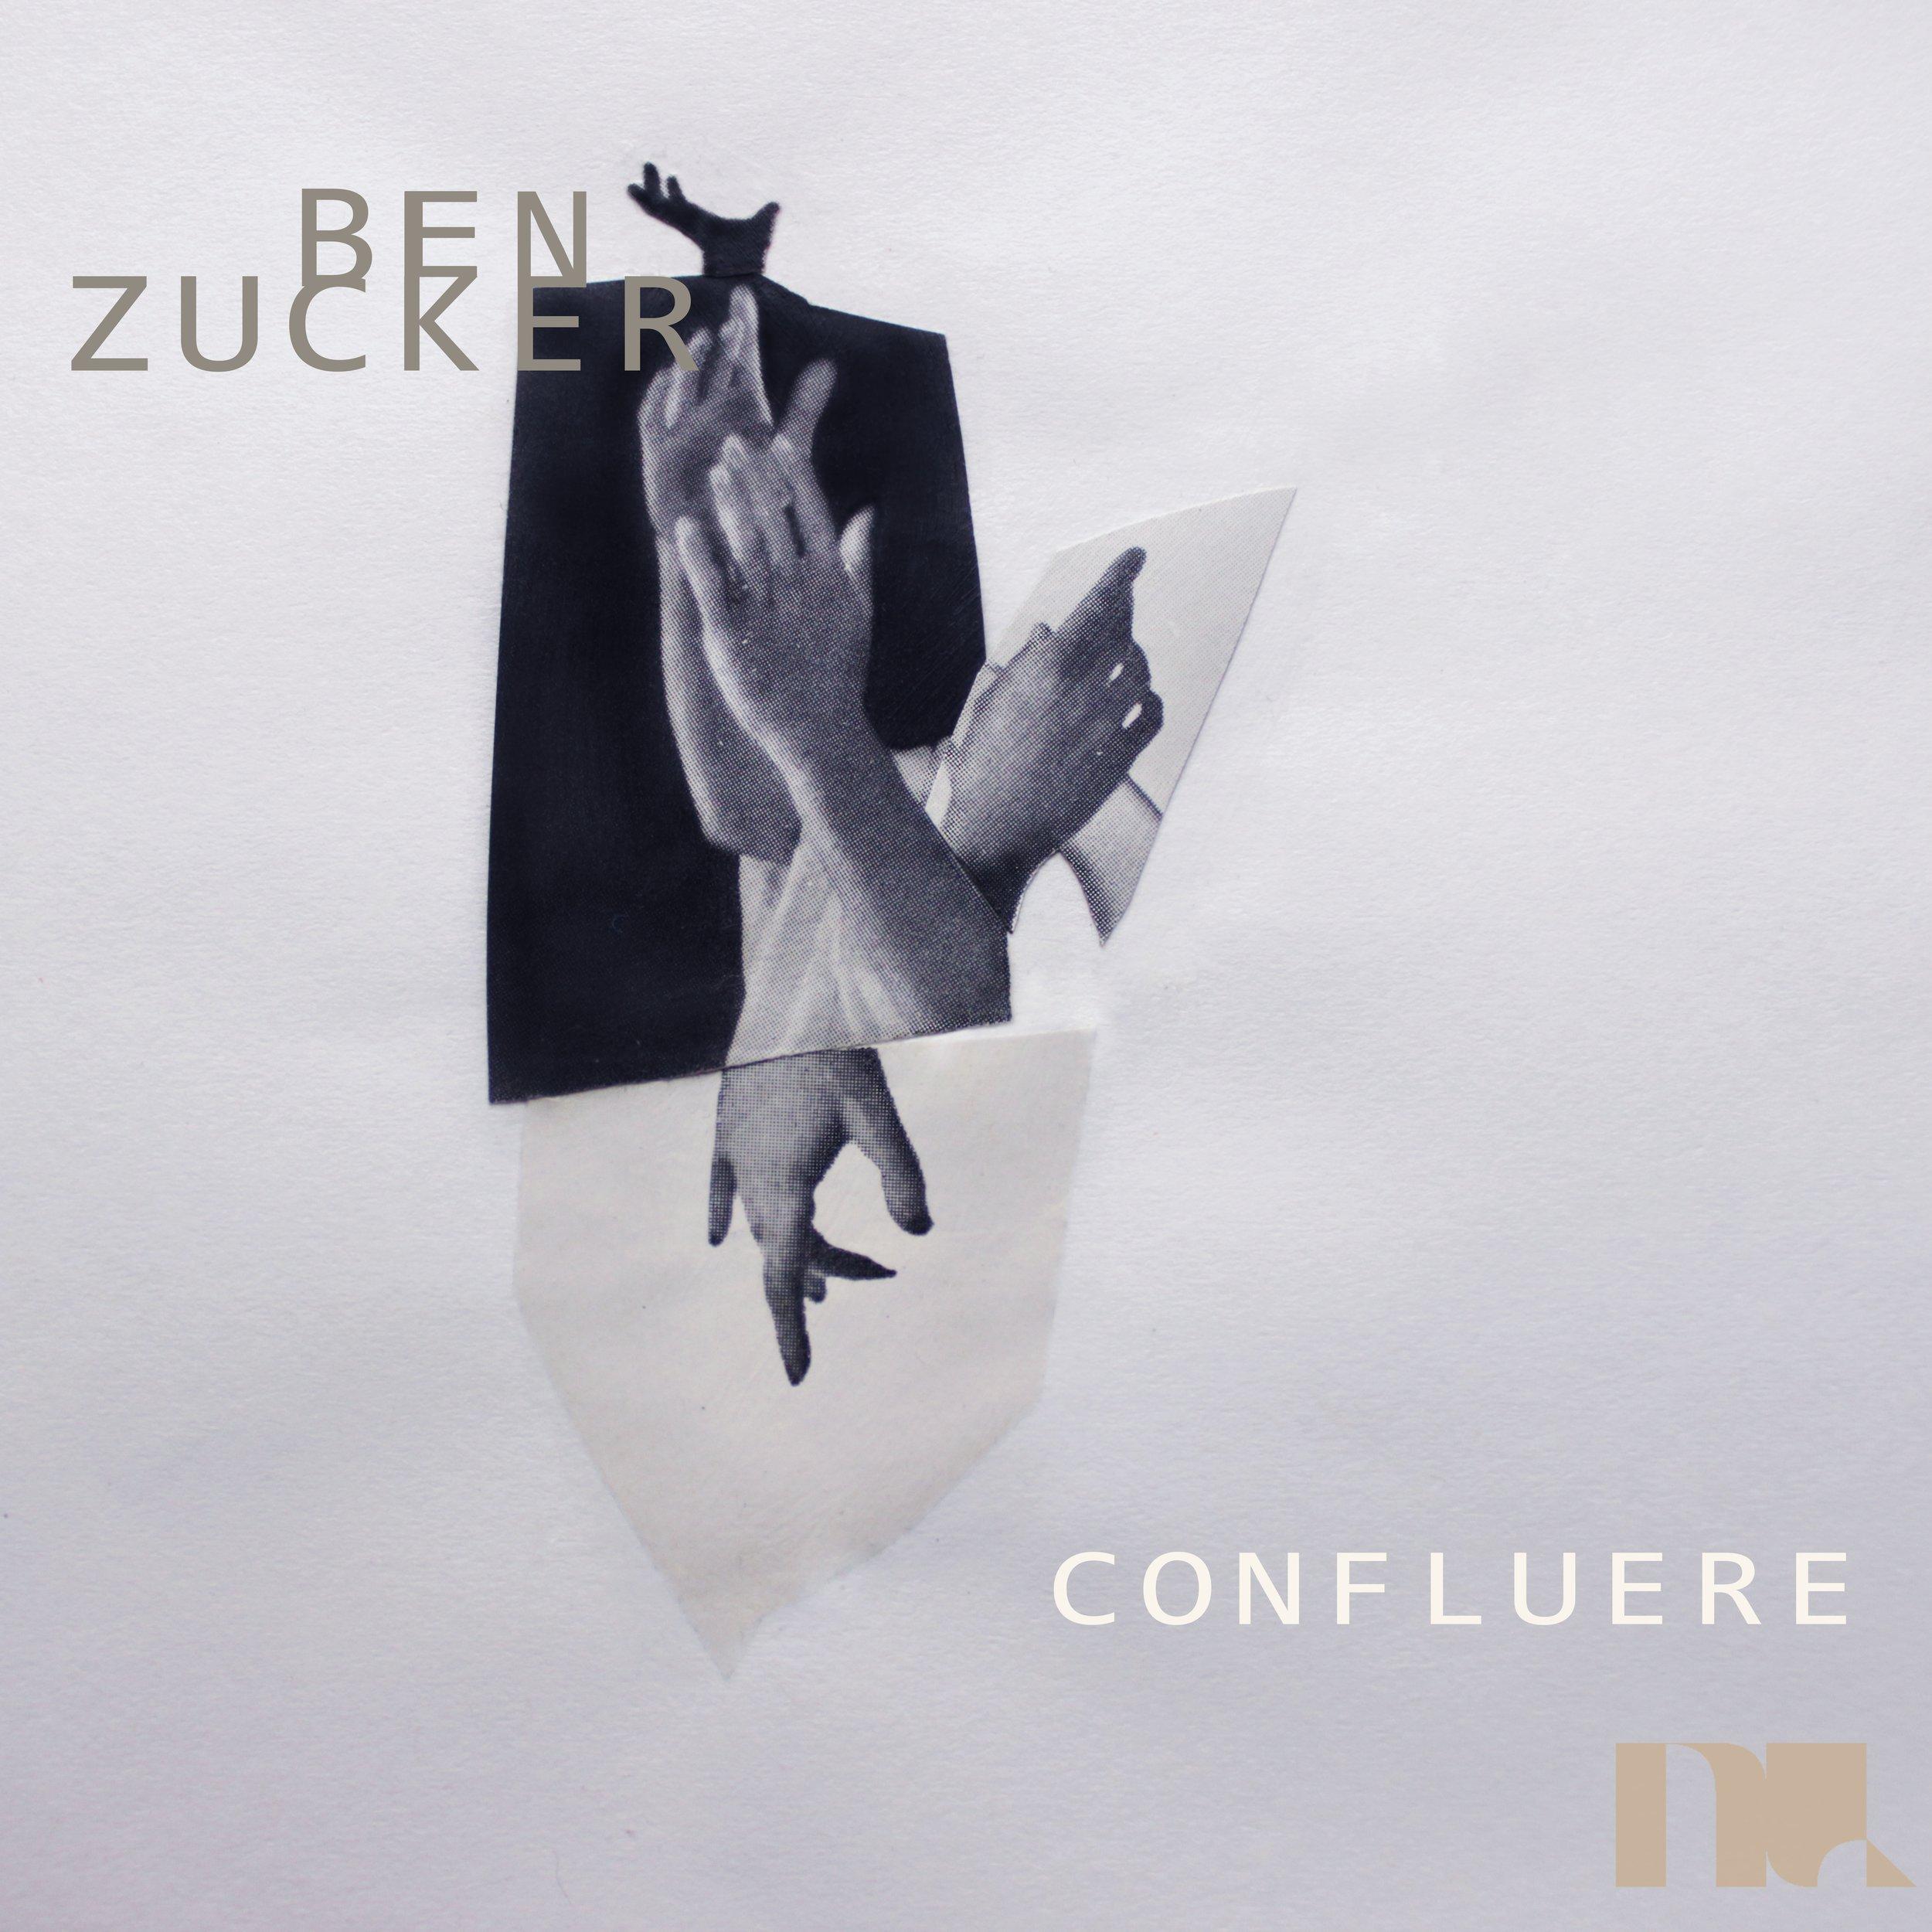 Ben Zucker - Confluere